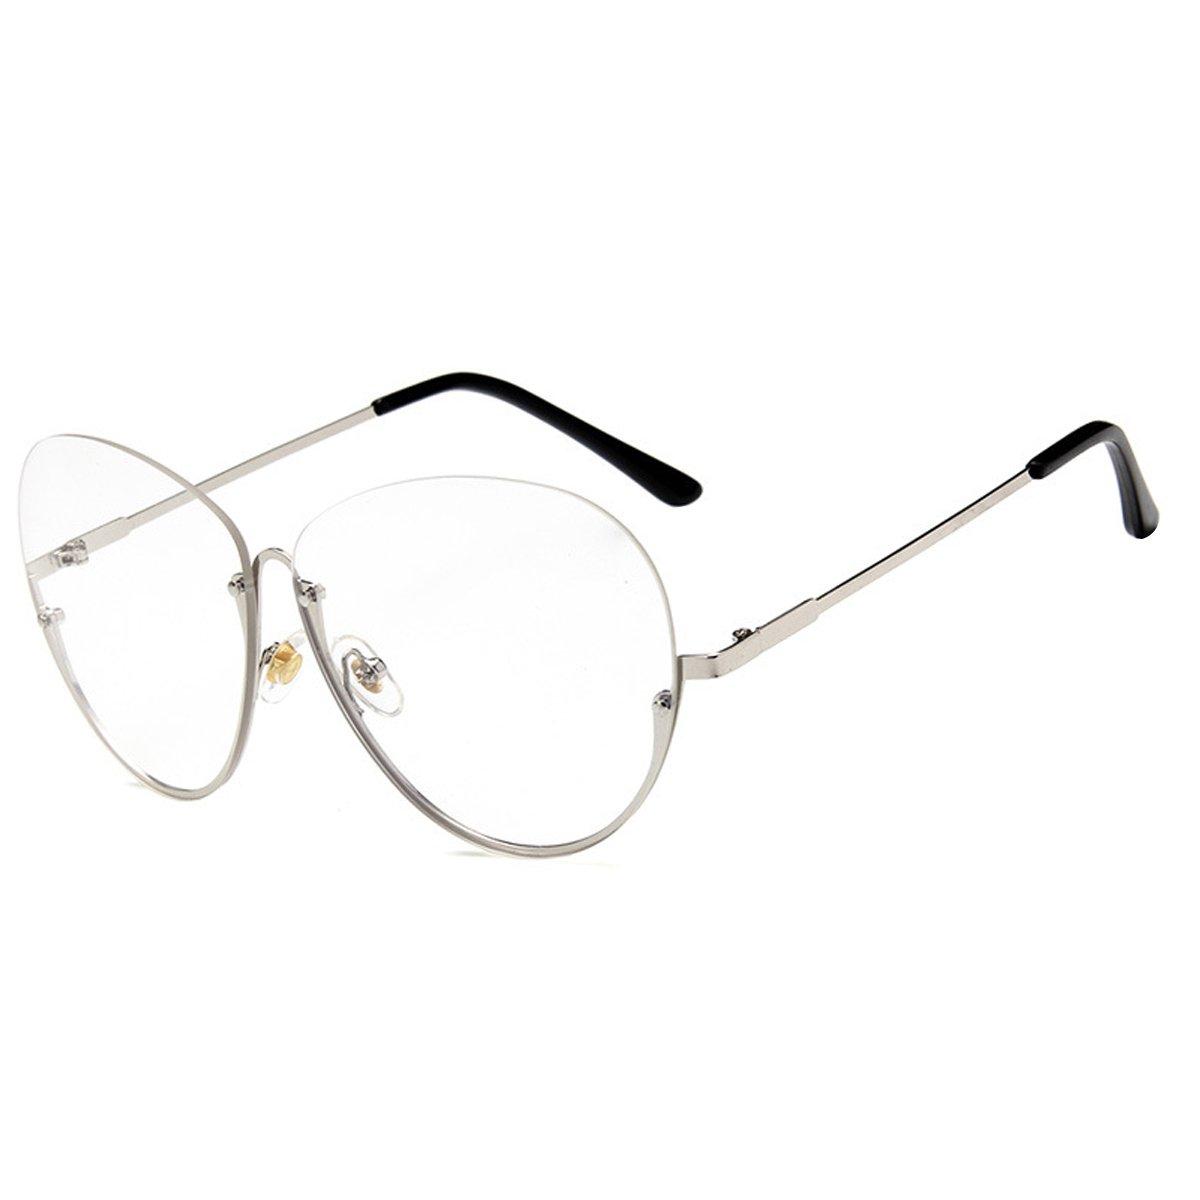 699636c291f05 AiSi Damen Rund Metall klassische Brille, Brillenfassung, Aviator ...